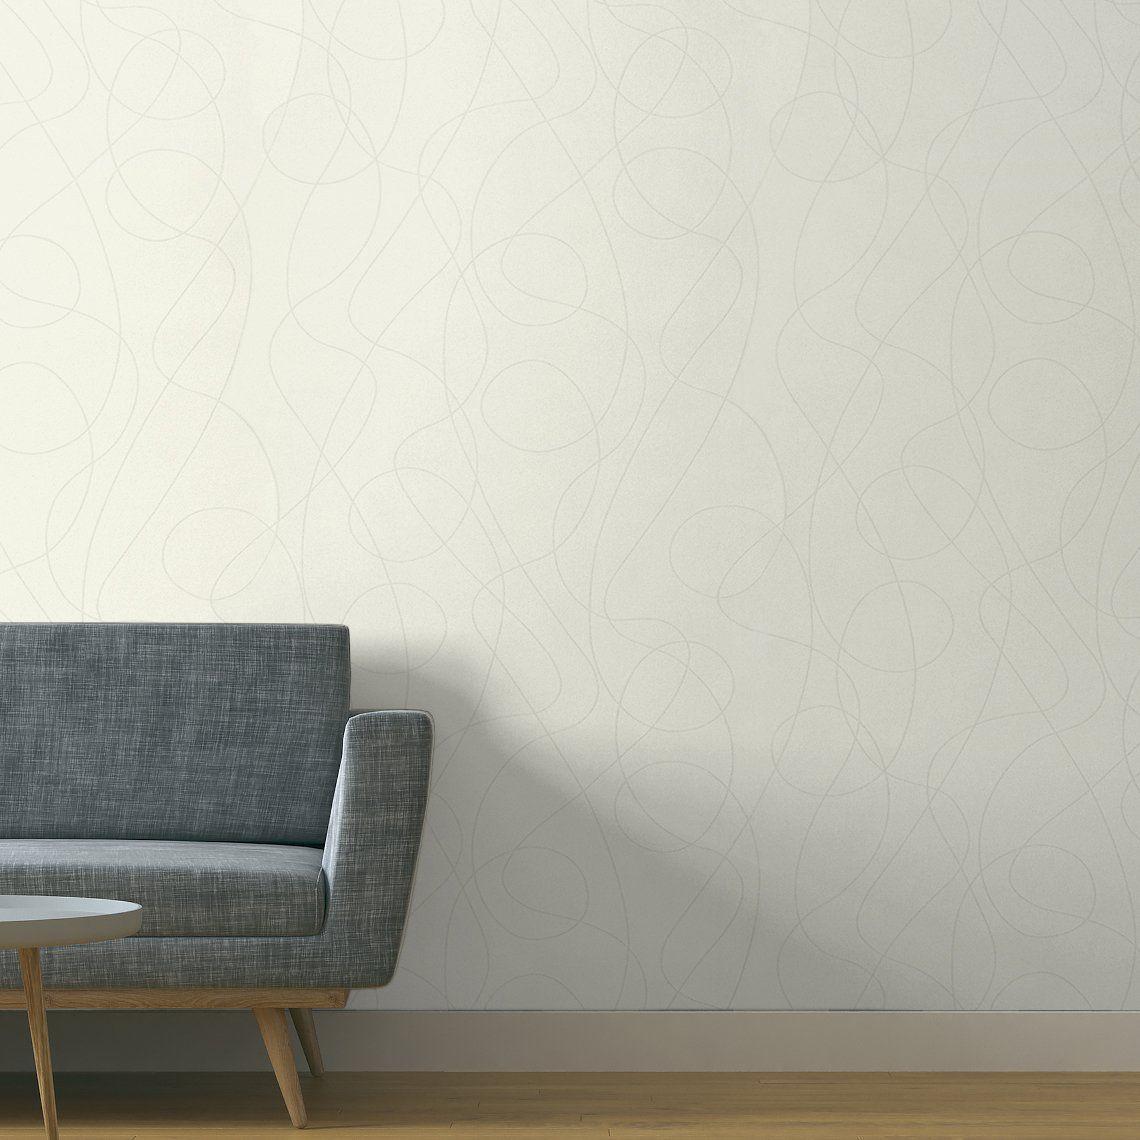 papier peint anna expans sur papier motif graphique. Black Bedroom Furniture Sets. Home Design Ideas